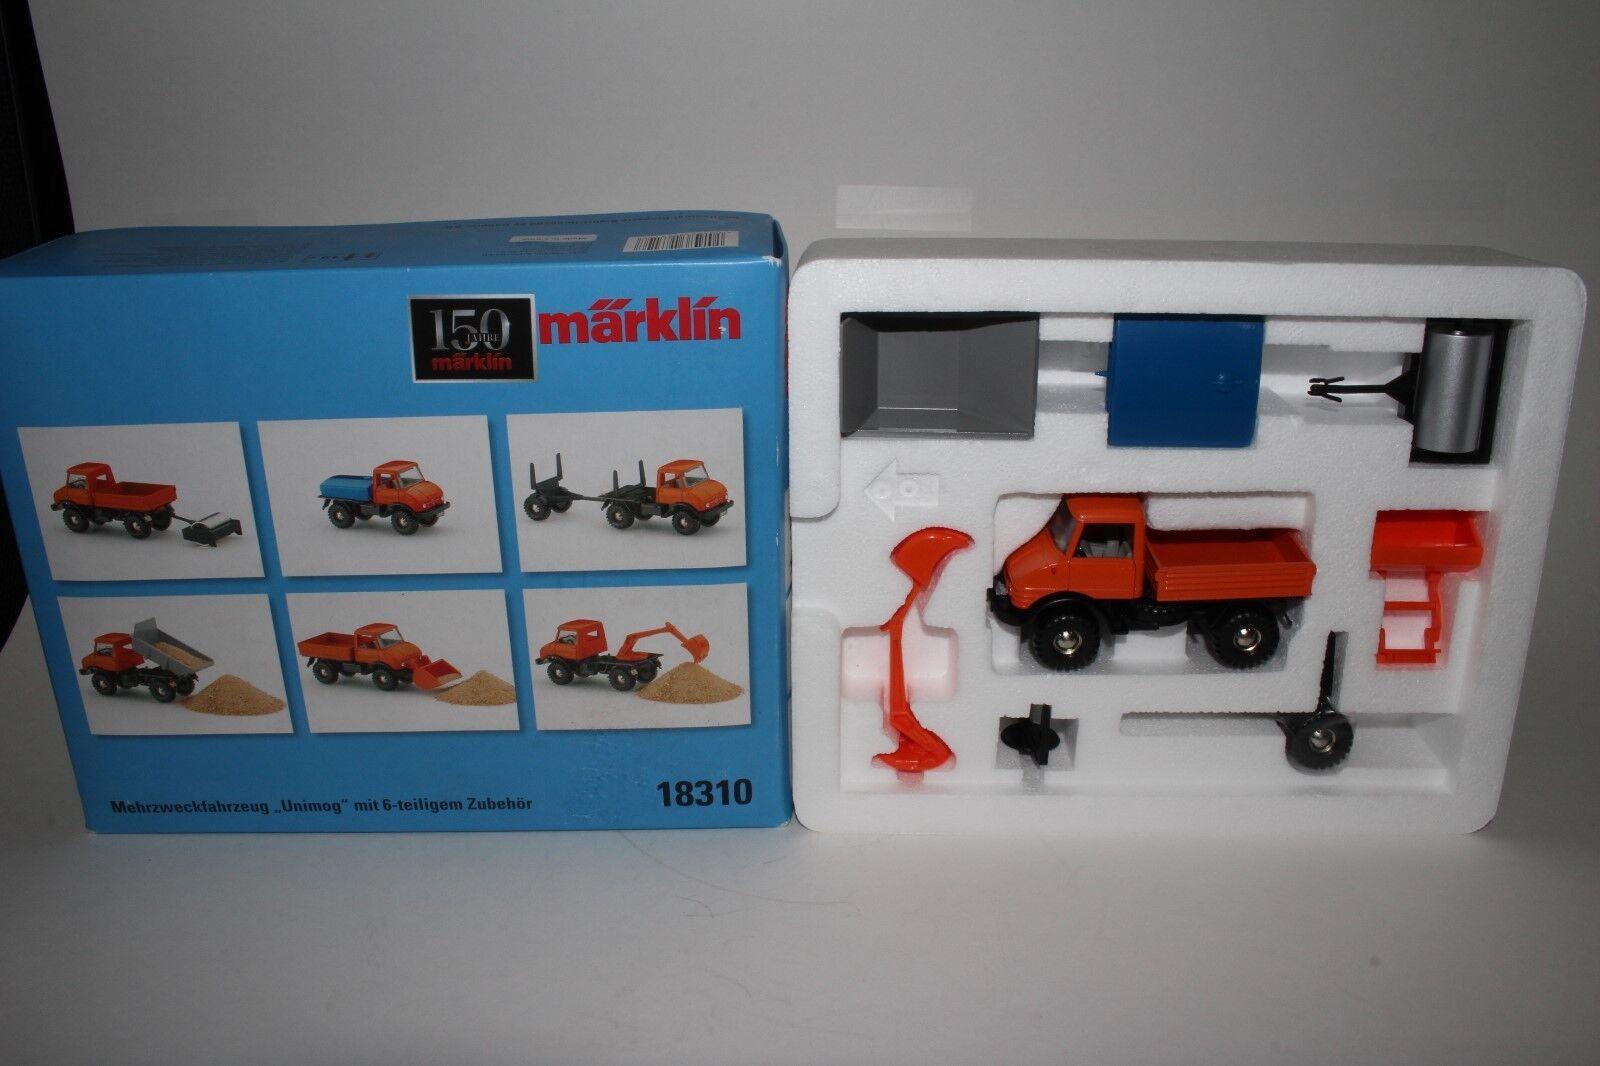 MARKLIN  18310 Multi Purpose  véhicule  Unimog  plus accessoires  magasin fait l'achat et la vente